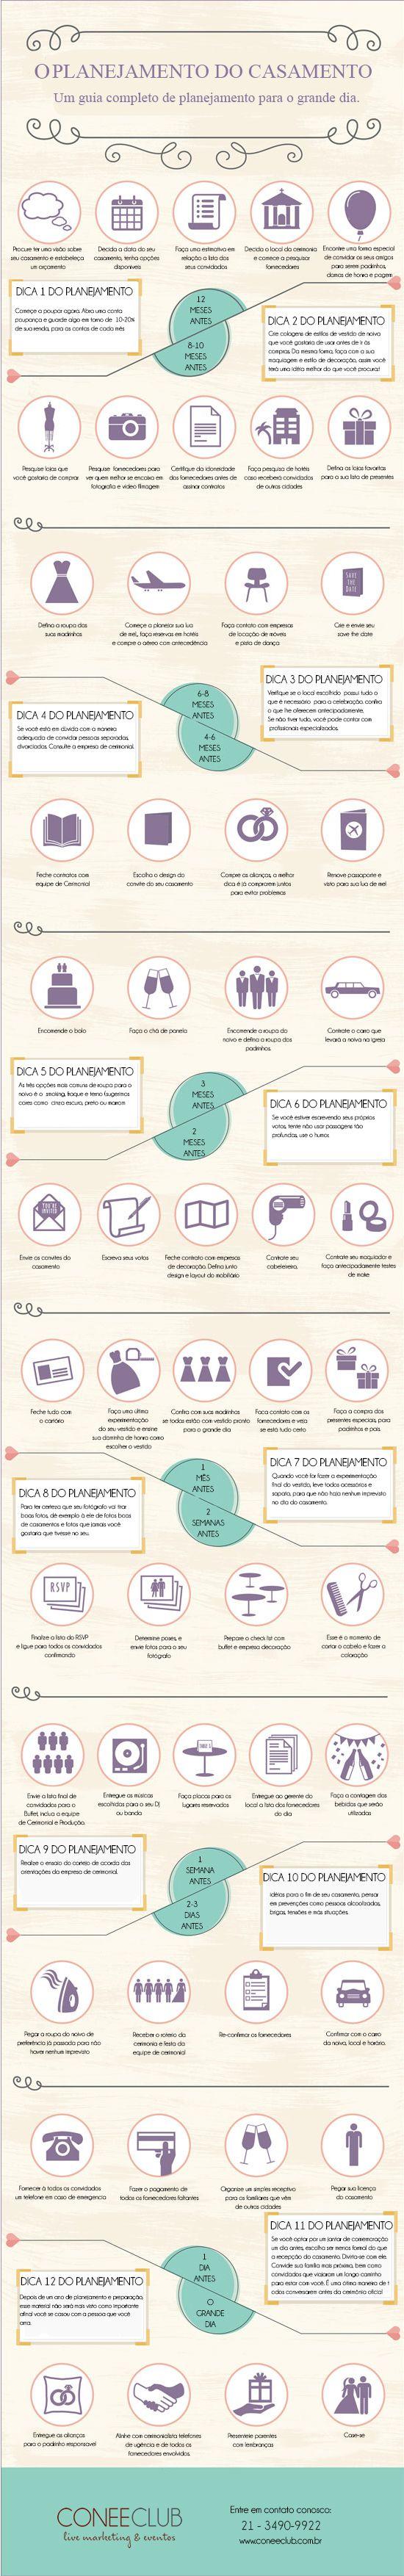 INFOGRÁFICO: Planejament Completo do seu Casamento. Baixe Grátis! http://materiais.coneeclub.com.br/infografico-planejando-seu-casamento